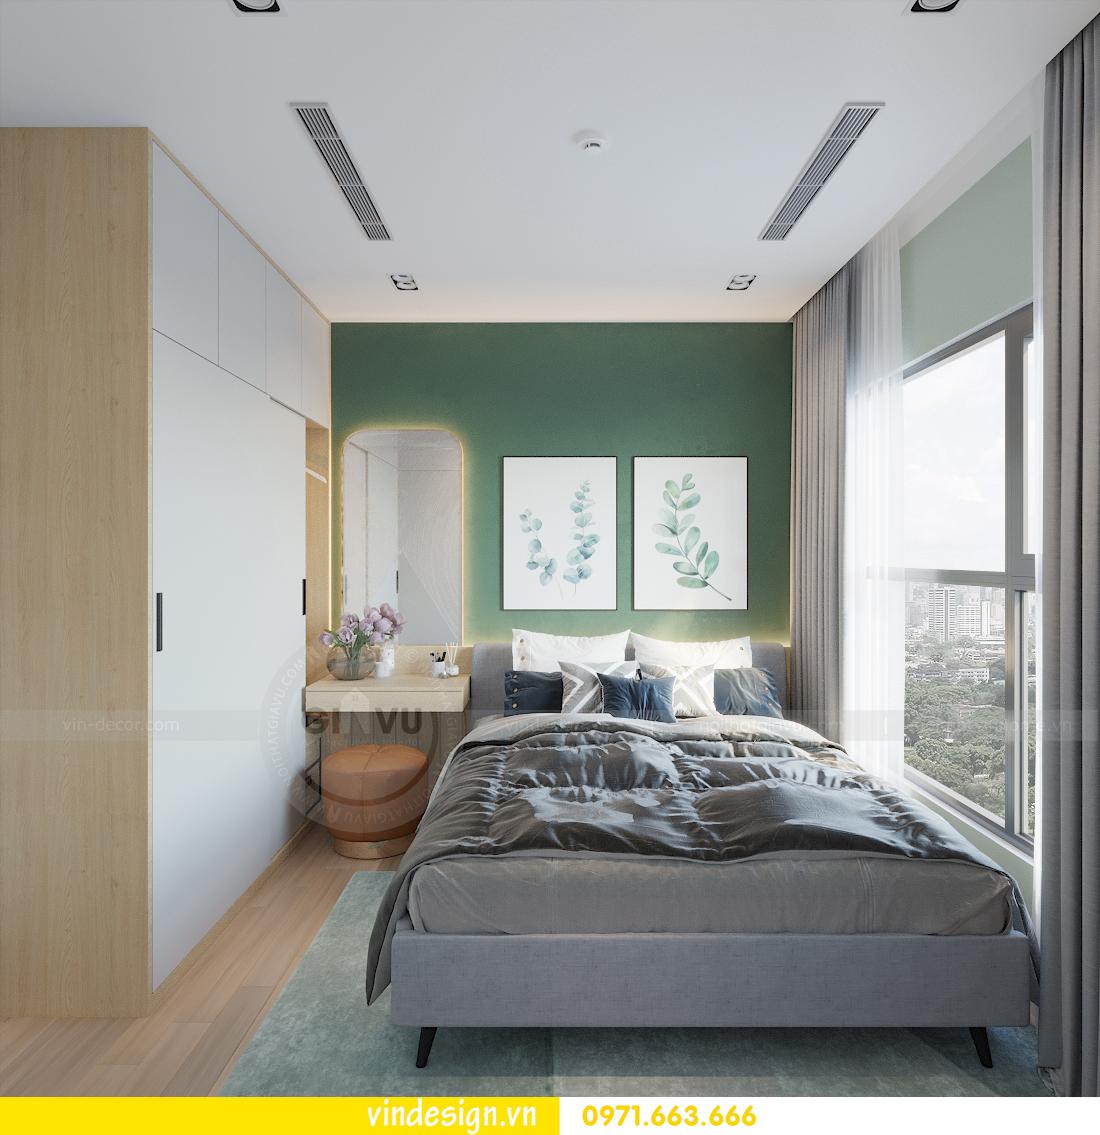 mẫu thiết kế nội thất căn hộ Smart City tòa S101 căn 11 9